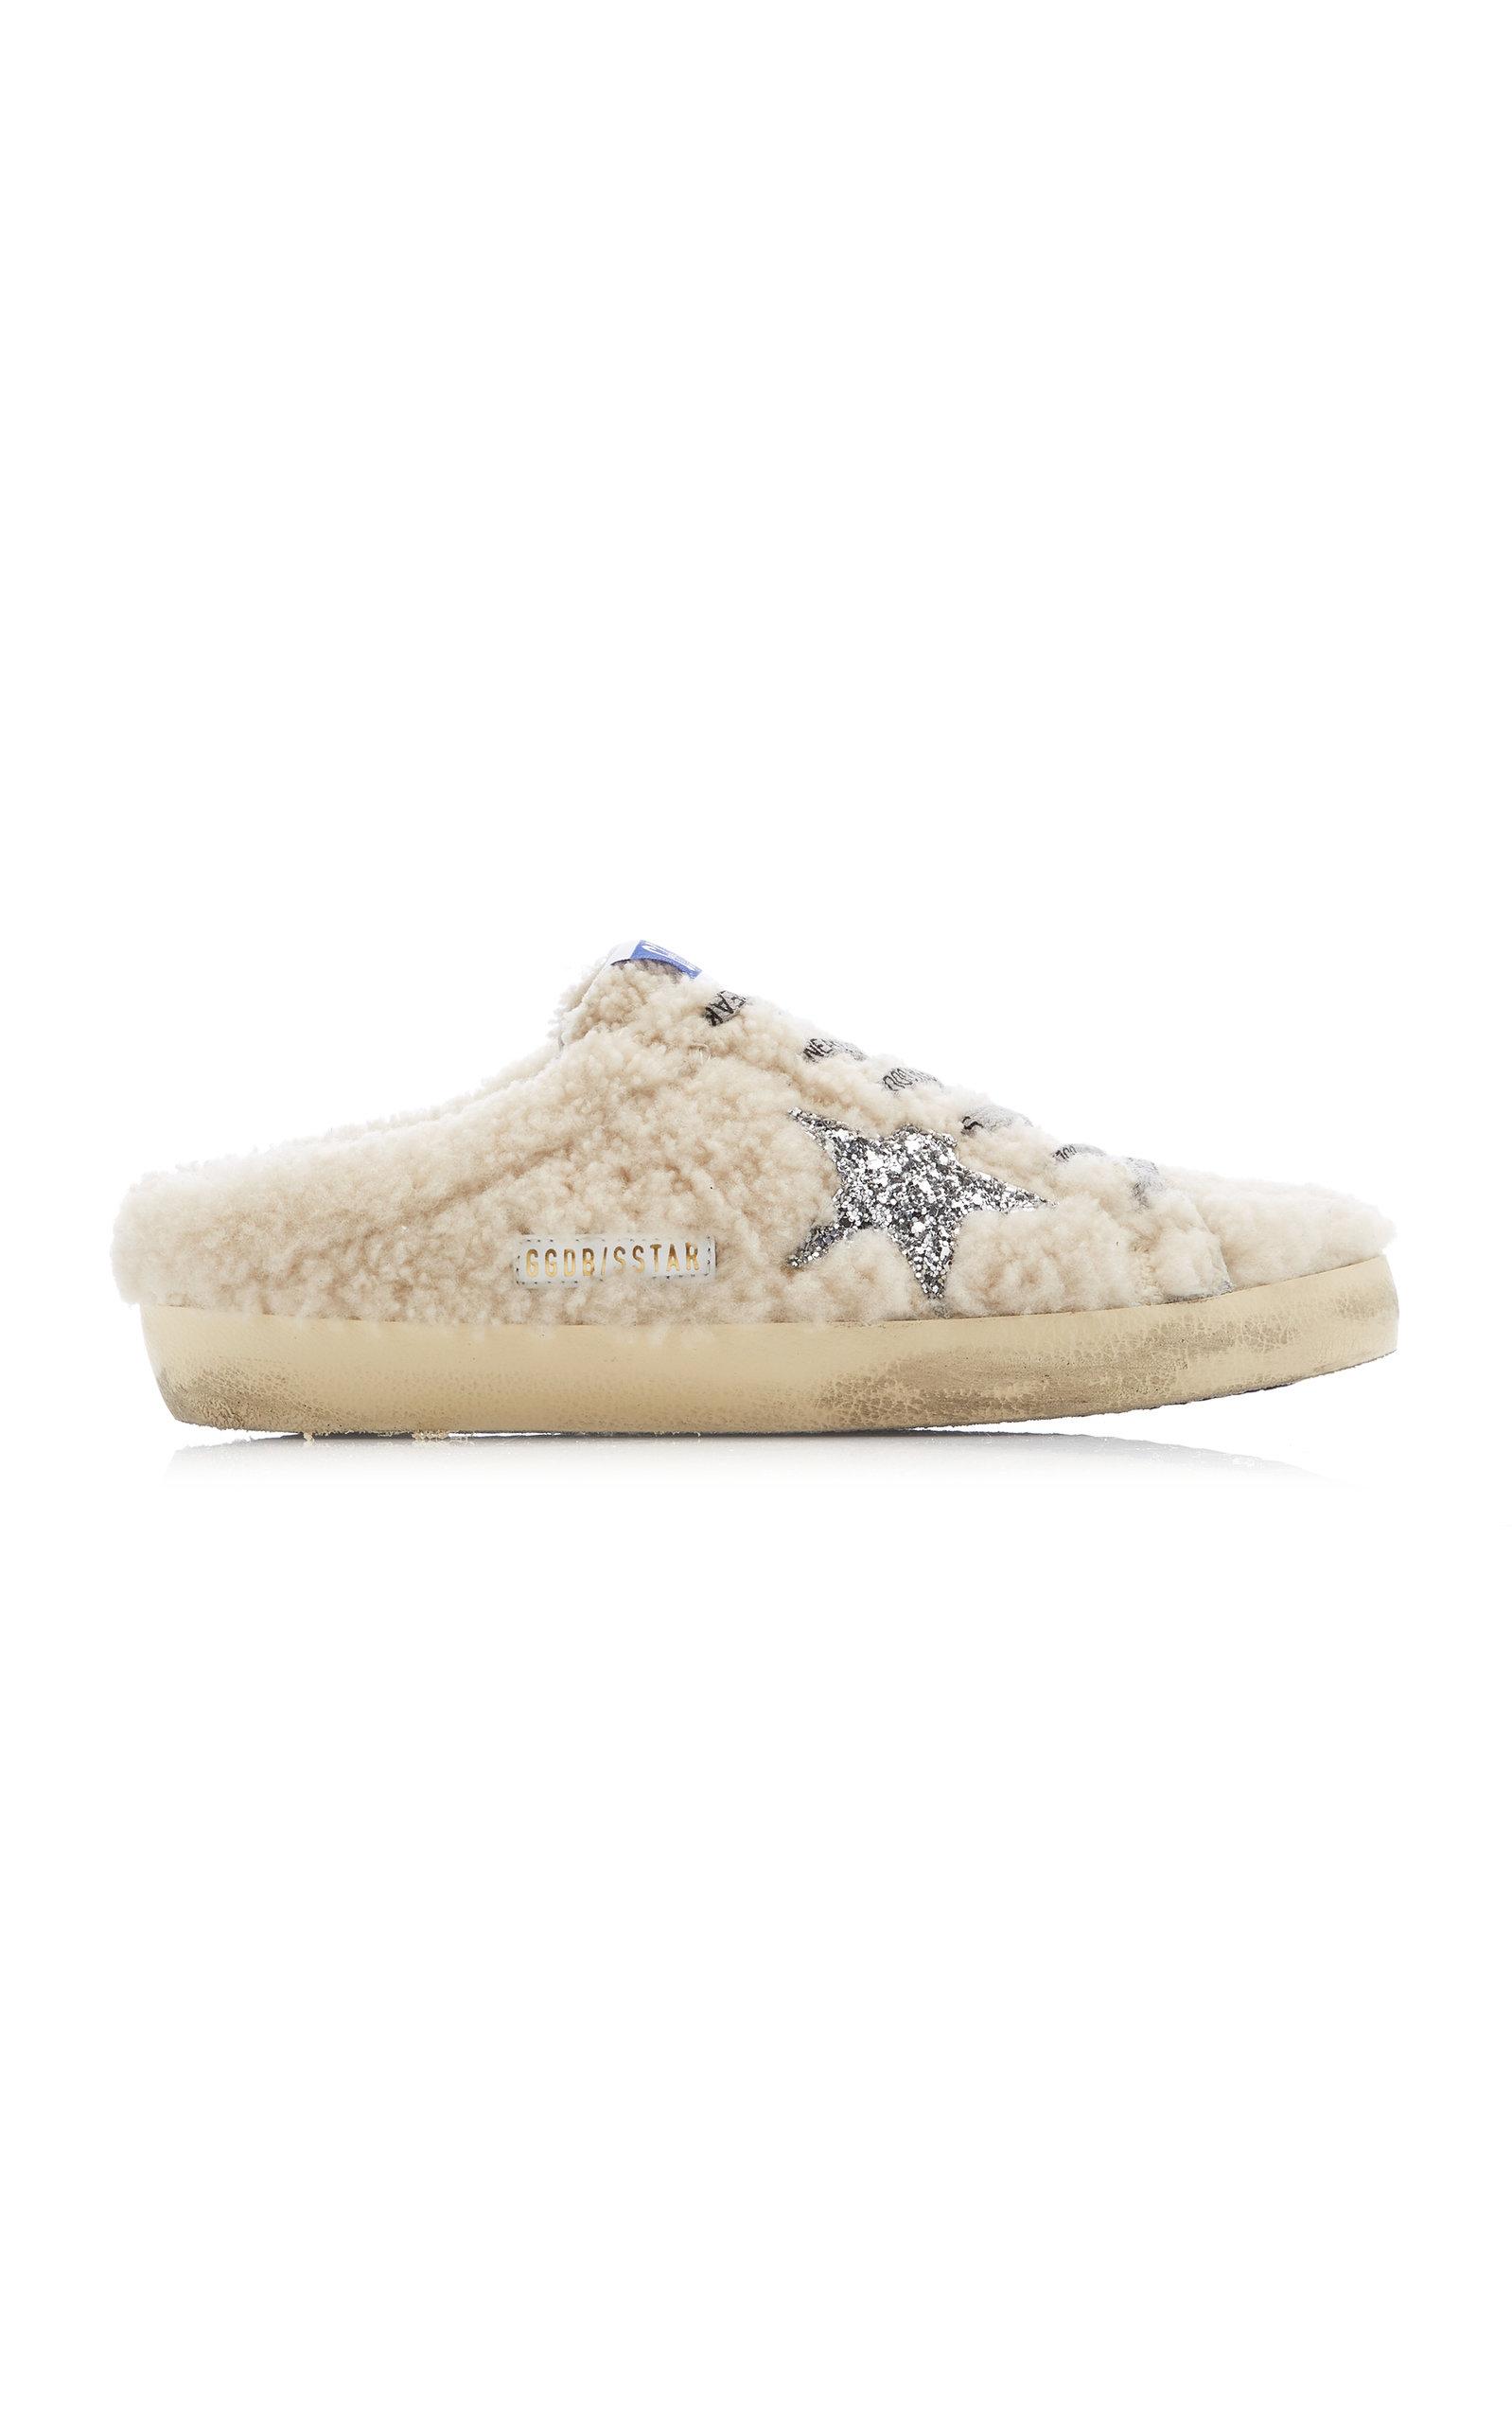 Golden Goose - Women's Superstar Sabot Shearling Slip-On Sneakers - White - Moda Operandi